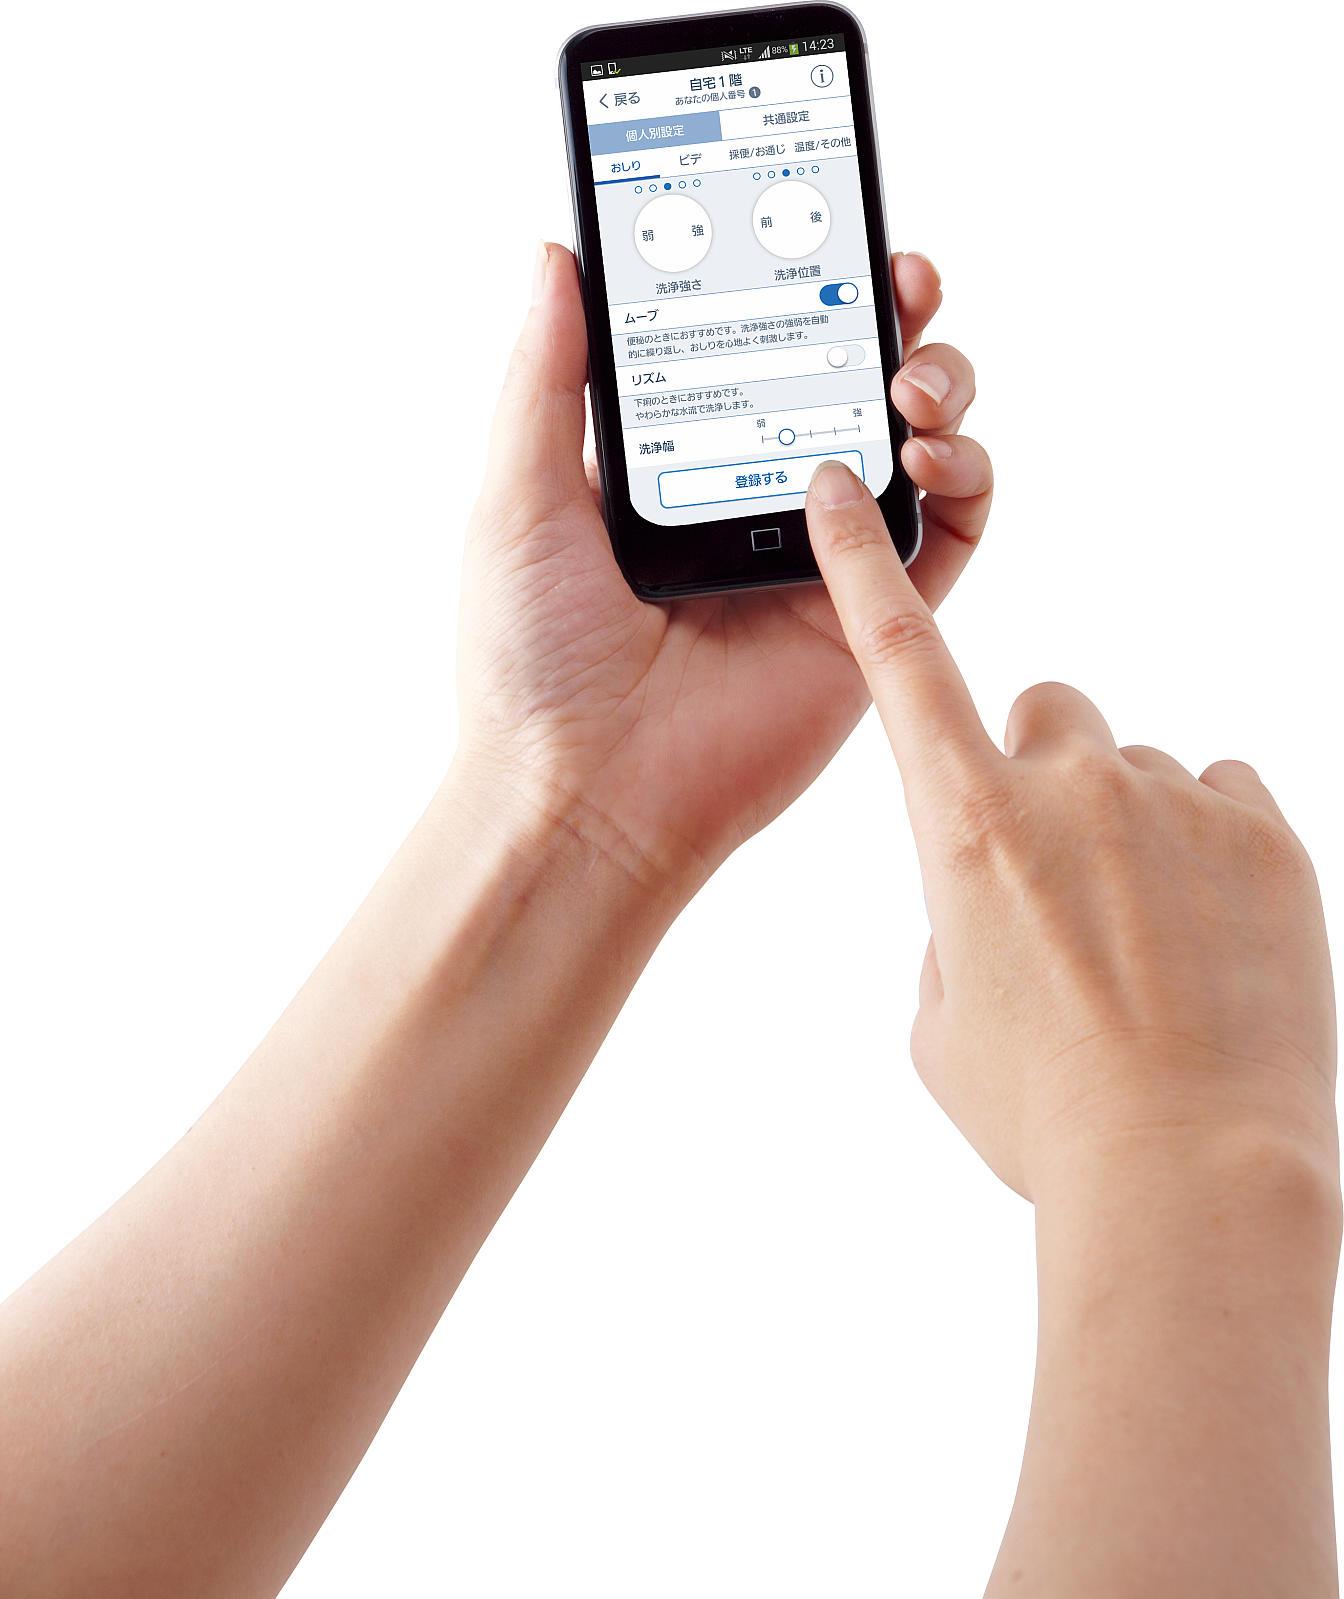 パナソニック アラウーノアプリのイメージ画像